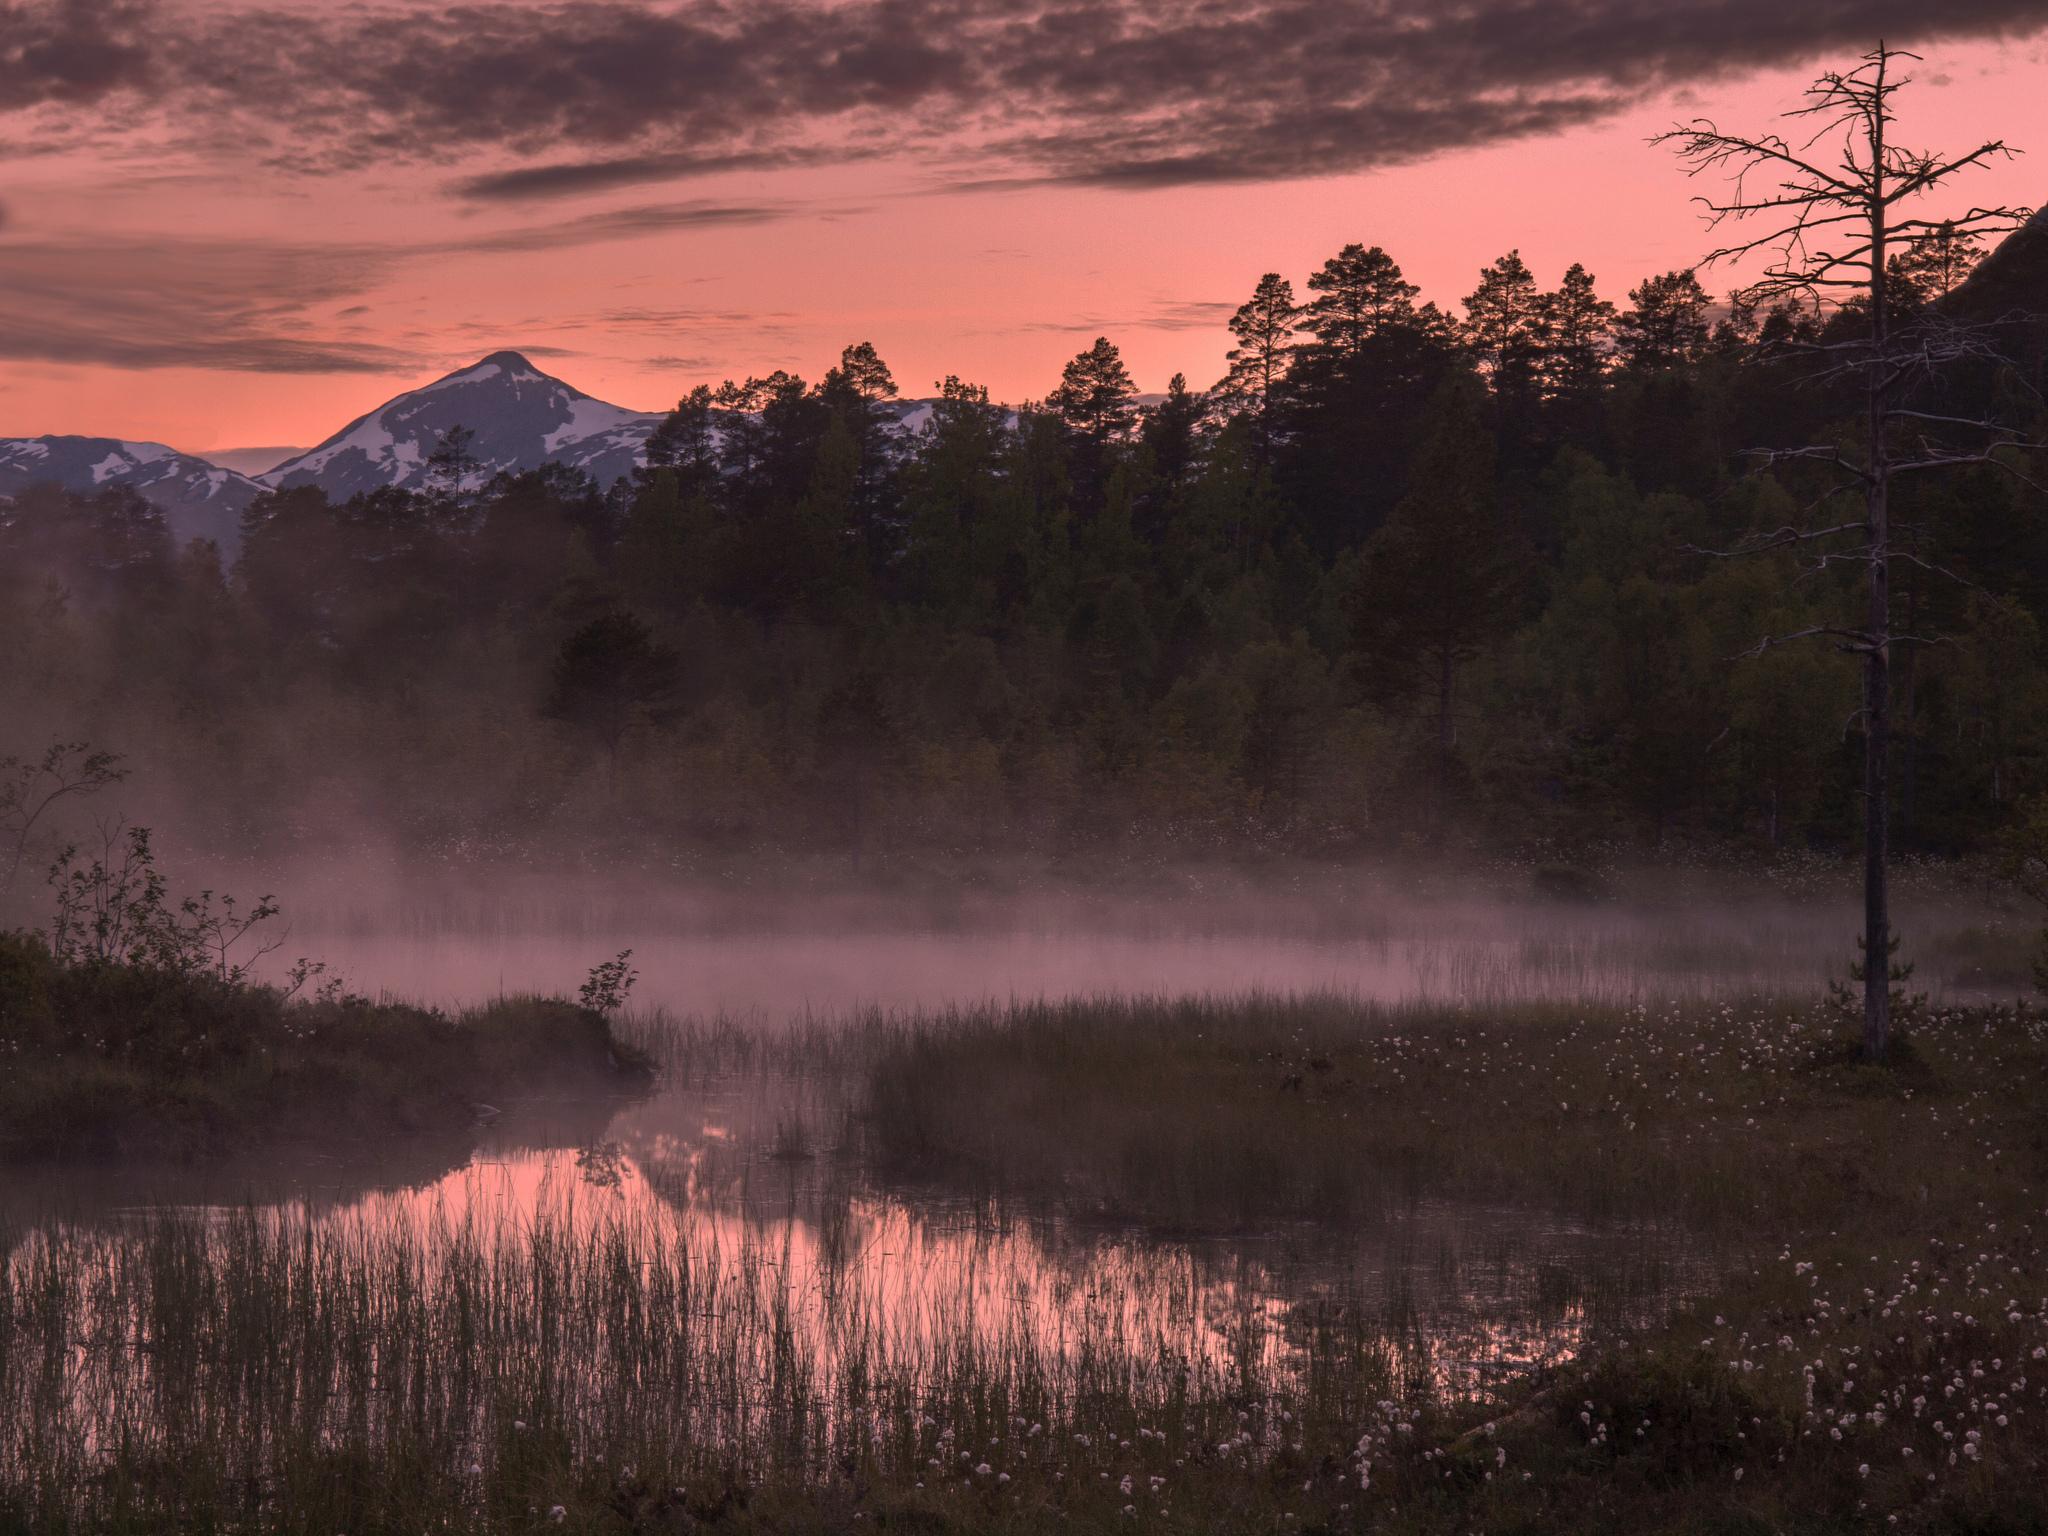 речка дерево зелень вечер туман  № 452920 бесплатно